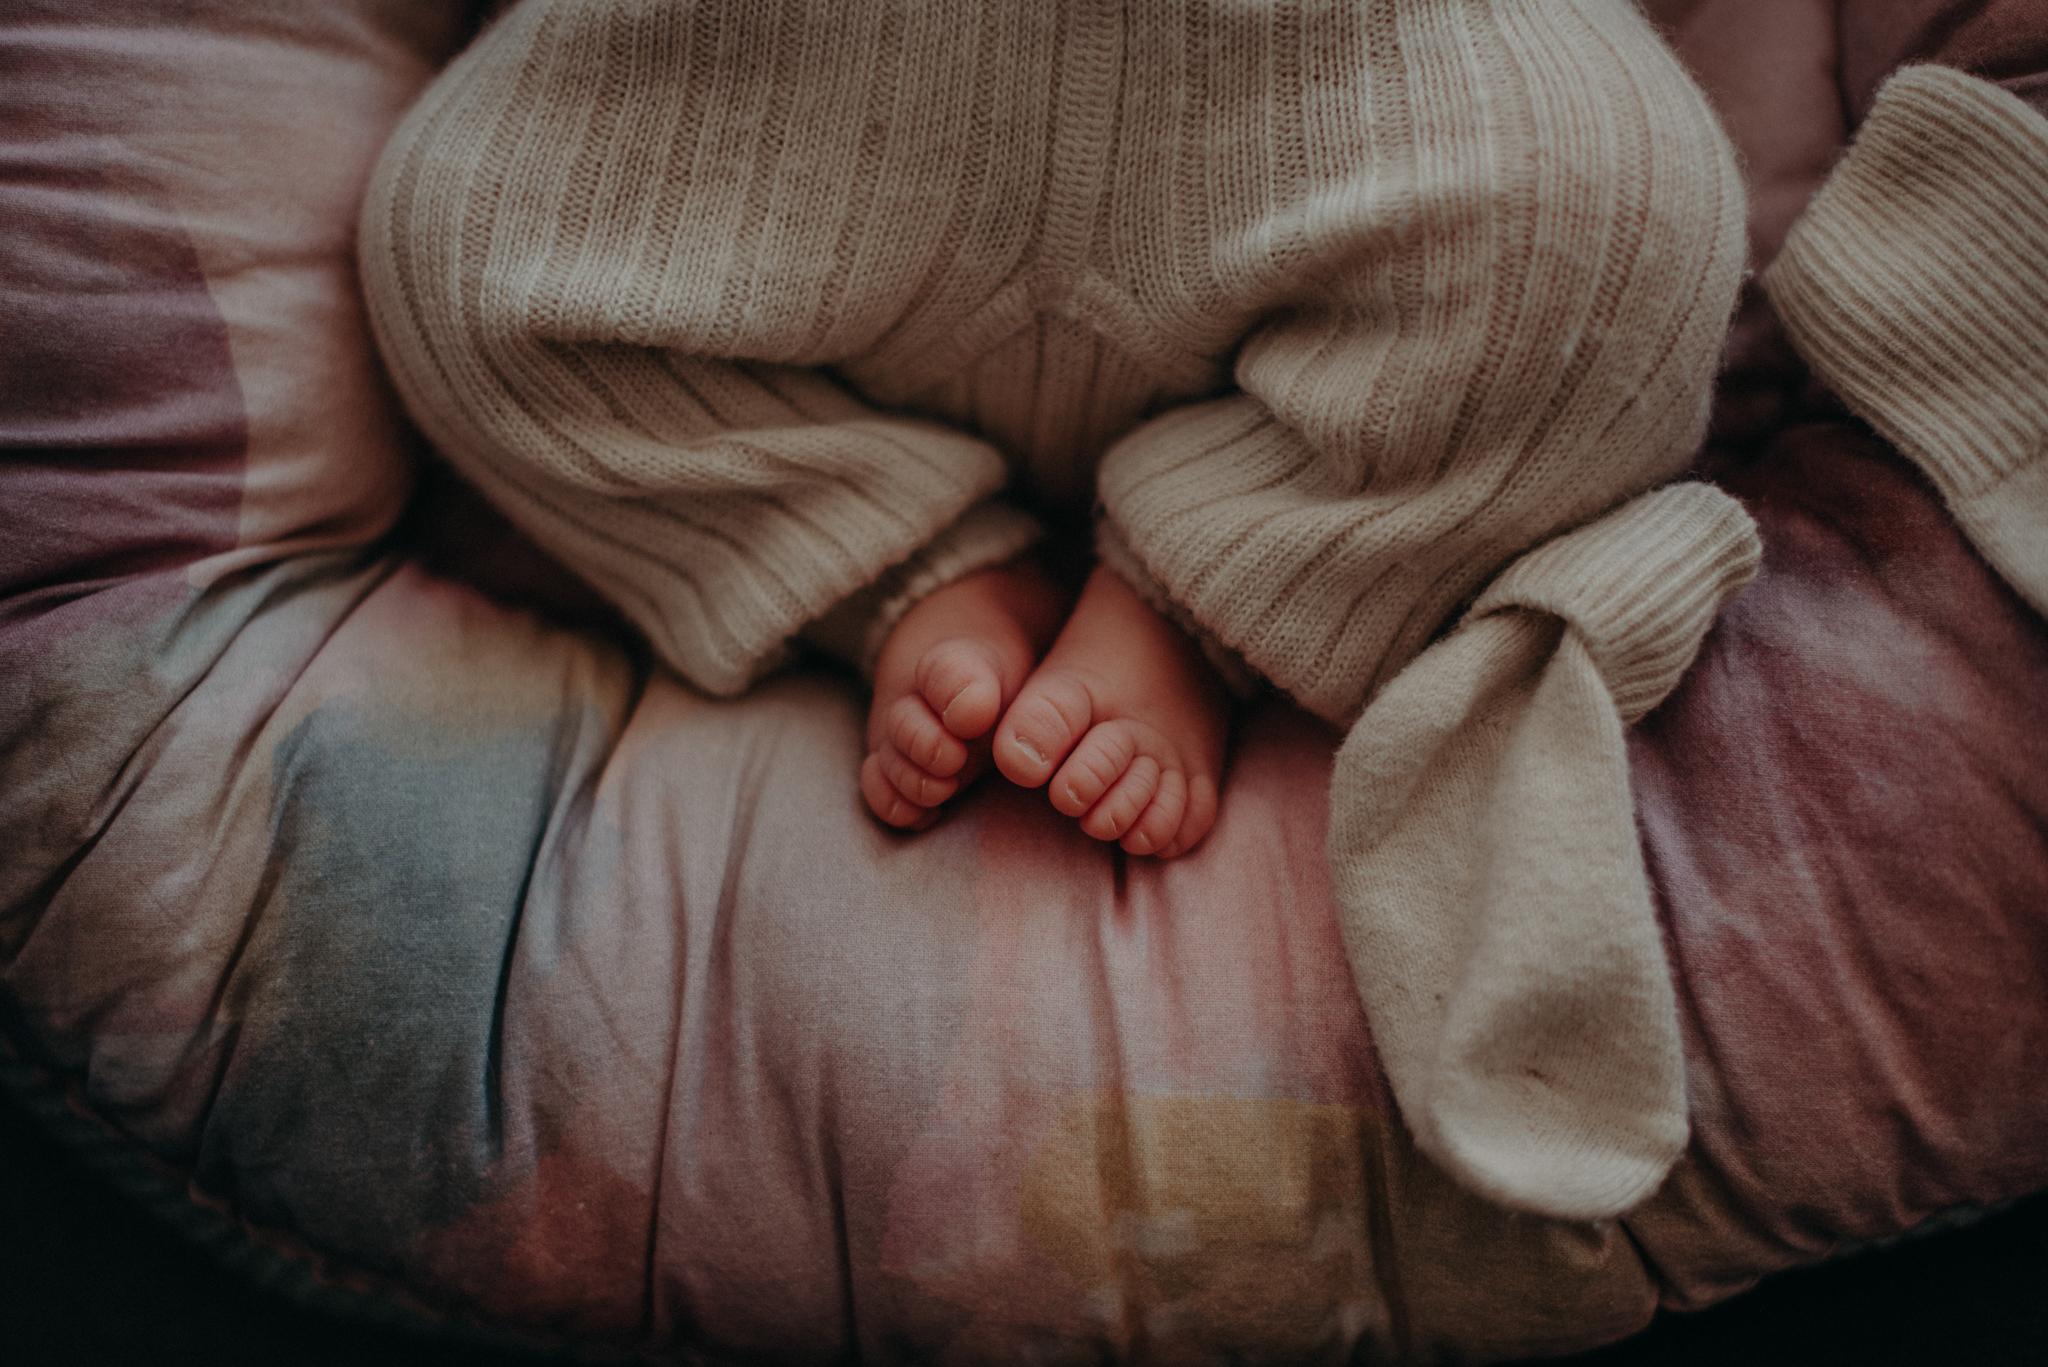 Neugeborenenfoto von Babyfüßen entstanden bei Neugeborenenfotoshooting in Freiburg